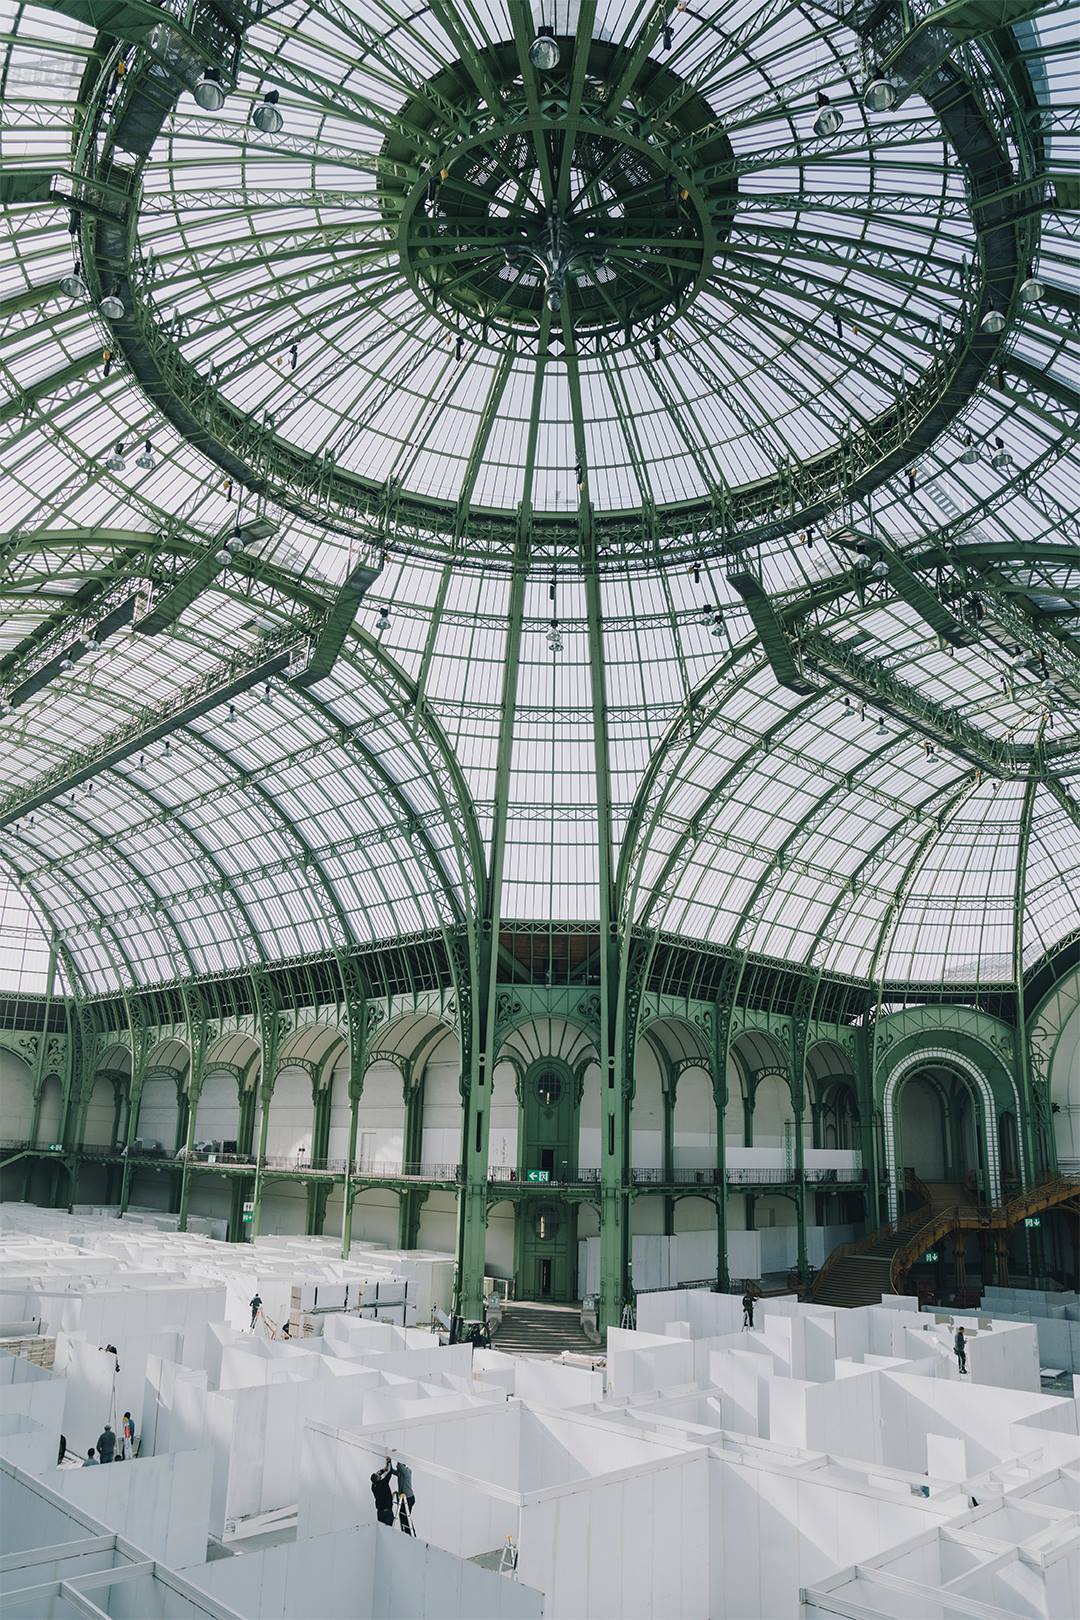 http://griotmag.com/wp-content/uploads/2020/05/griot-mag-paris-photo-2017-1-grand-palais.jpg